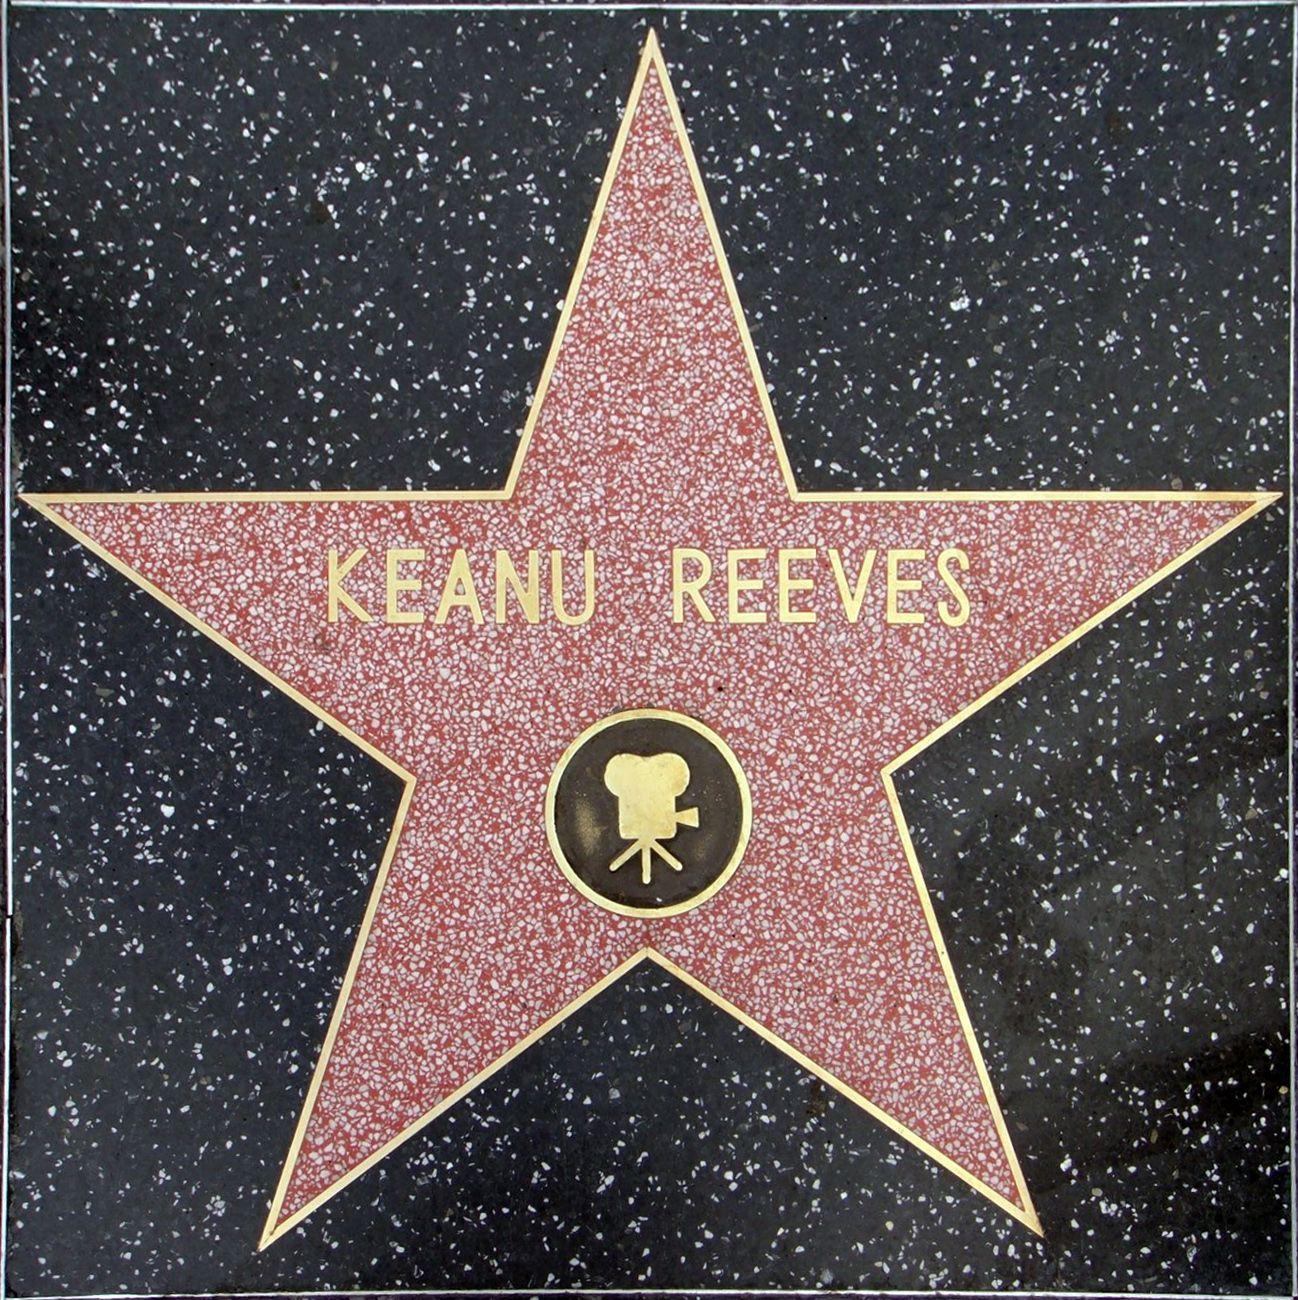 Keanu_Reeves_Star